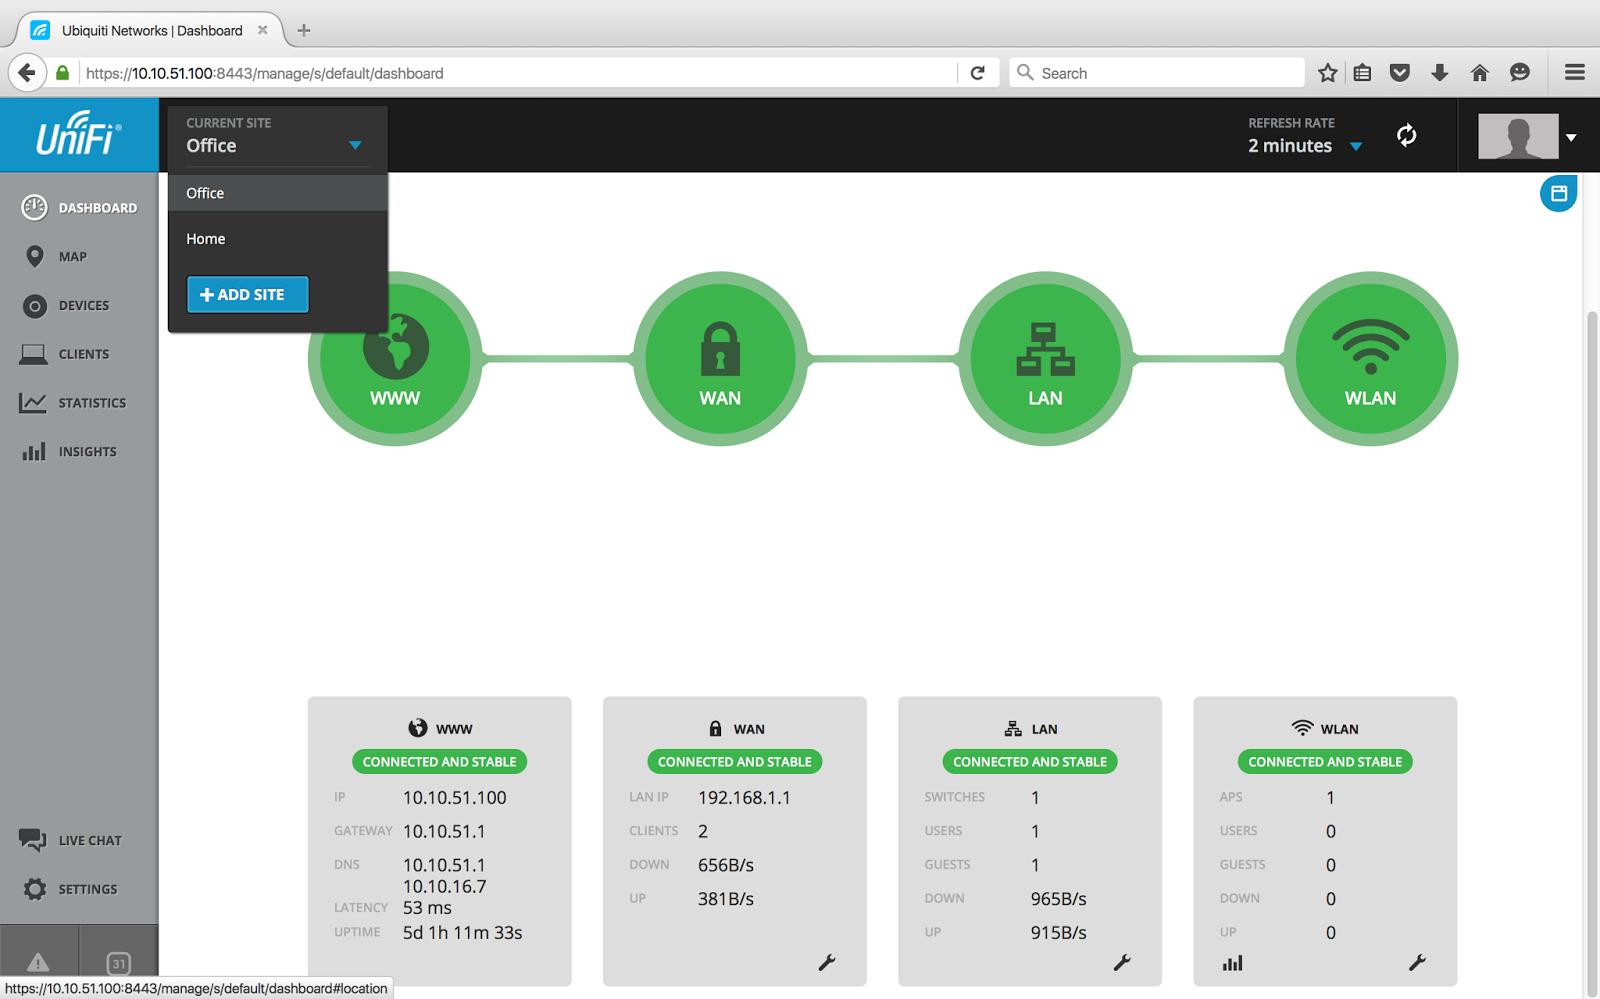 Unifi usg site to site vpn setup